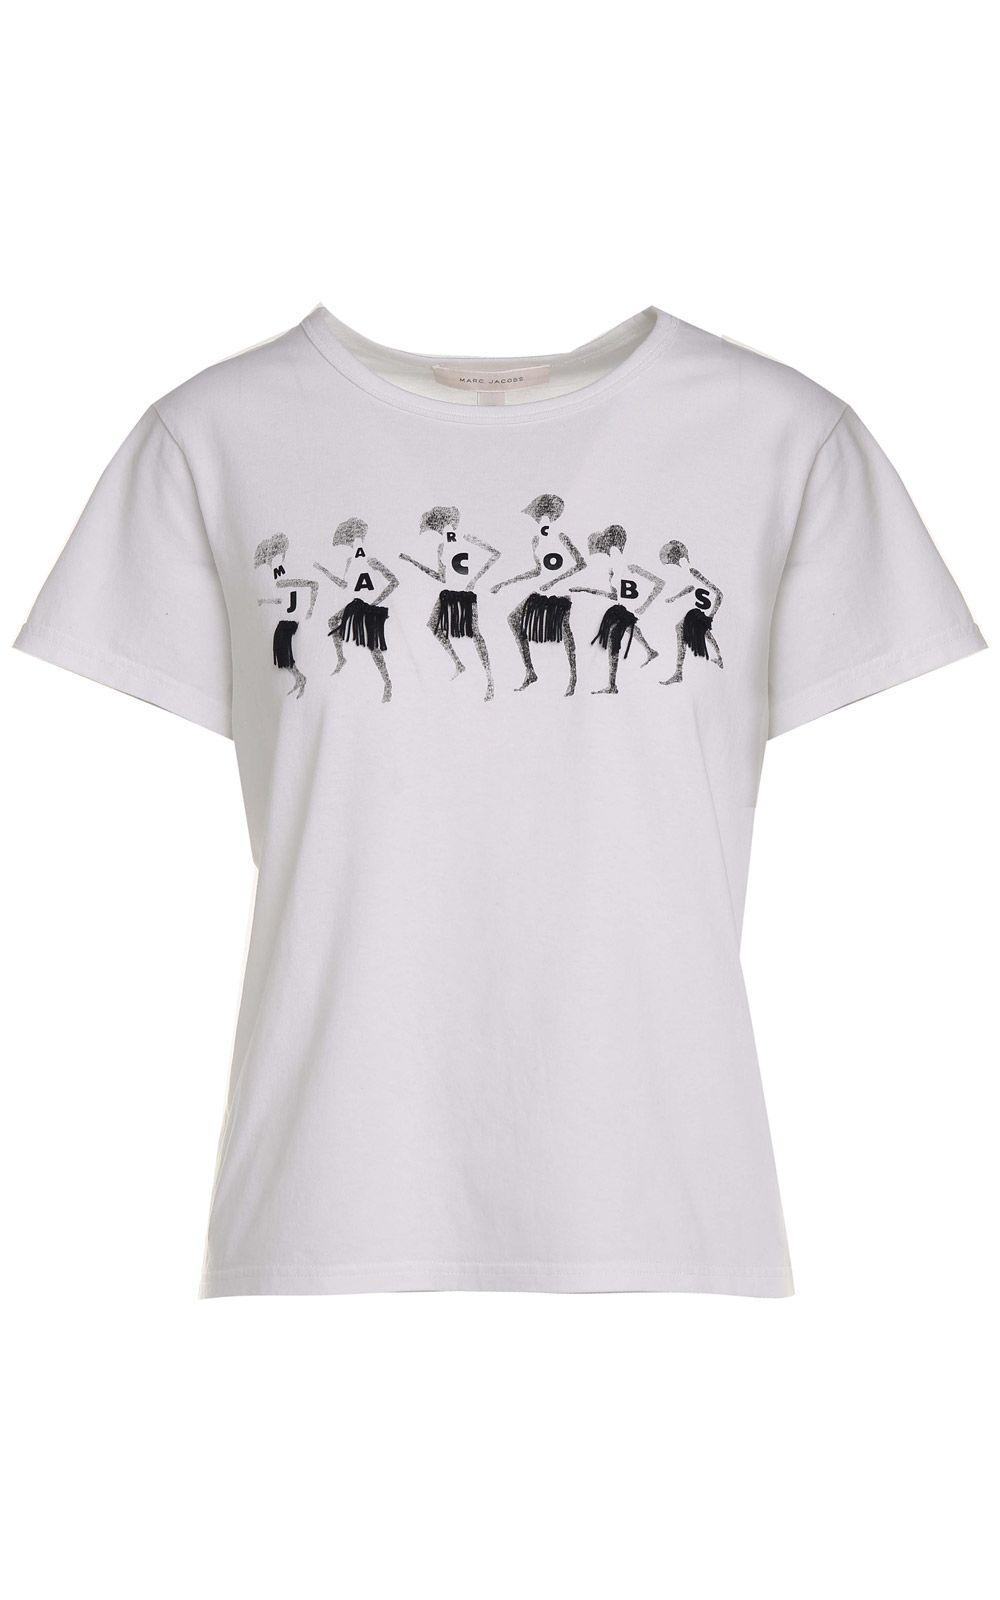 Marc Jacobs Dancing Cotton T-shirt